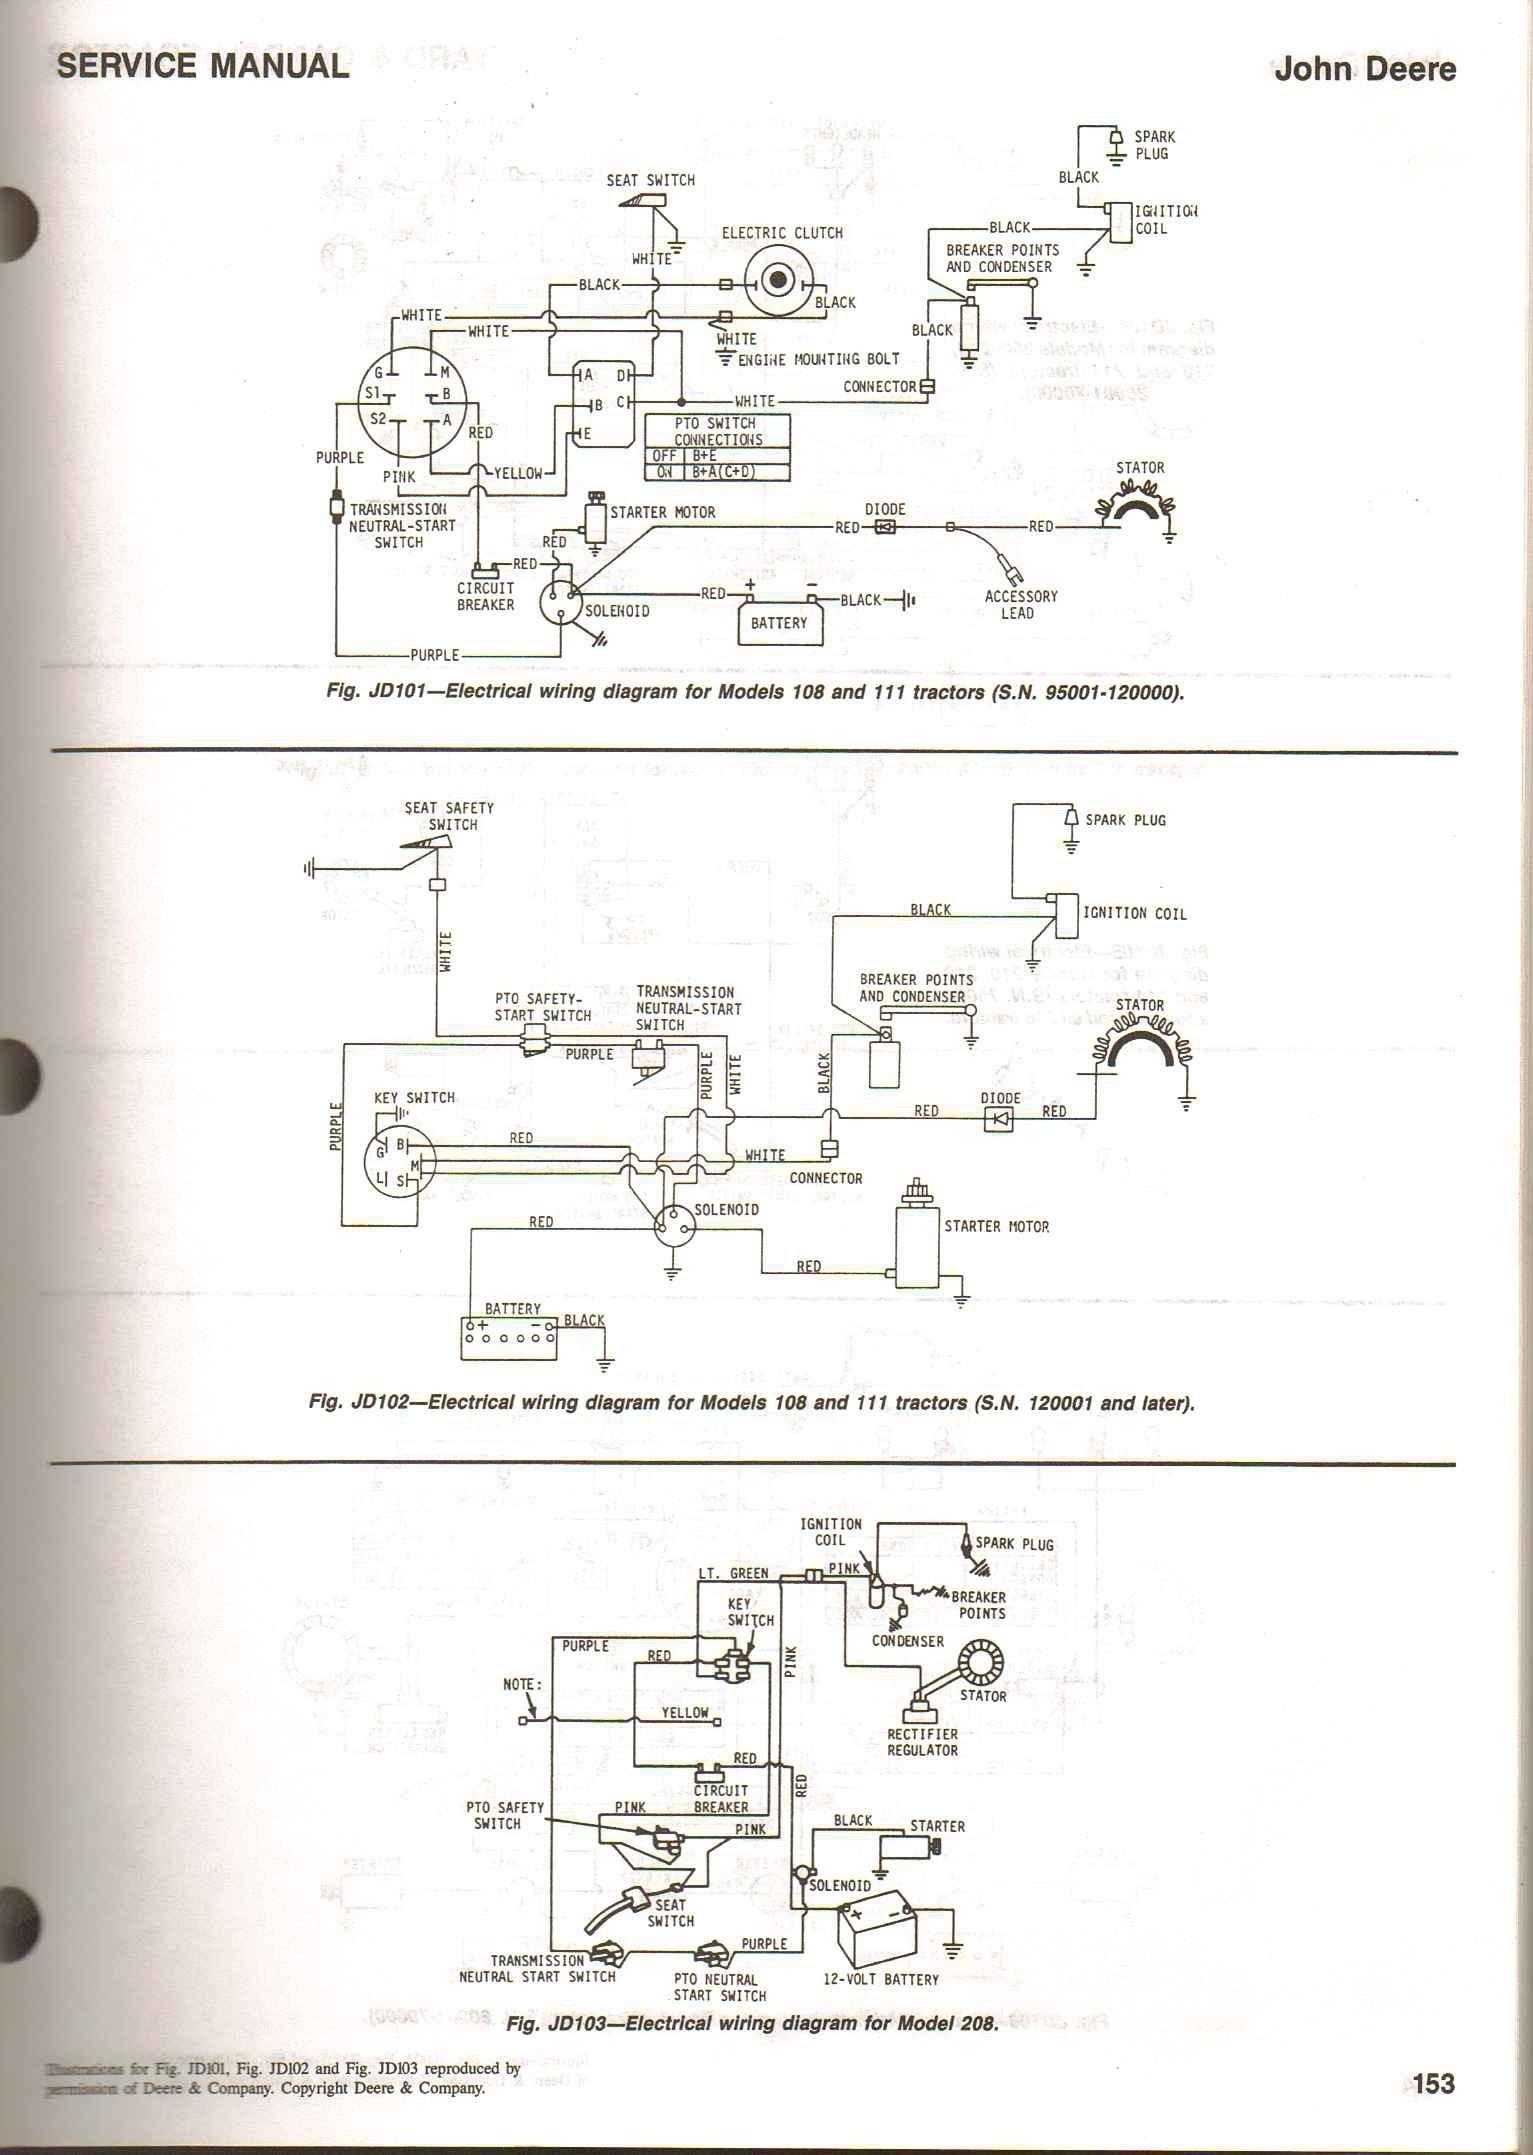 stx 38 wiring diagram engine john deere stx38 wiring schematic | free wiring diagram #8